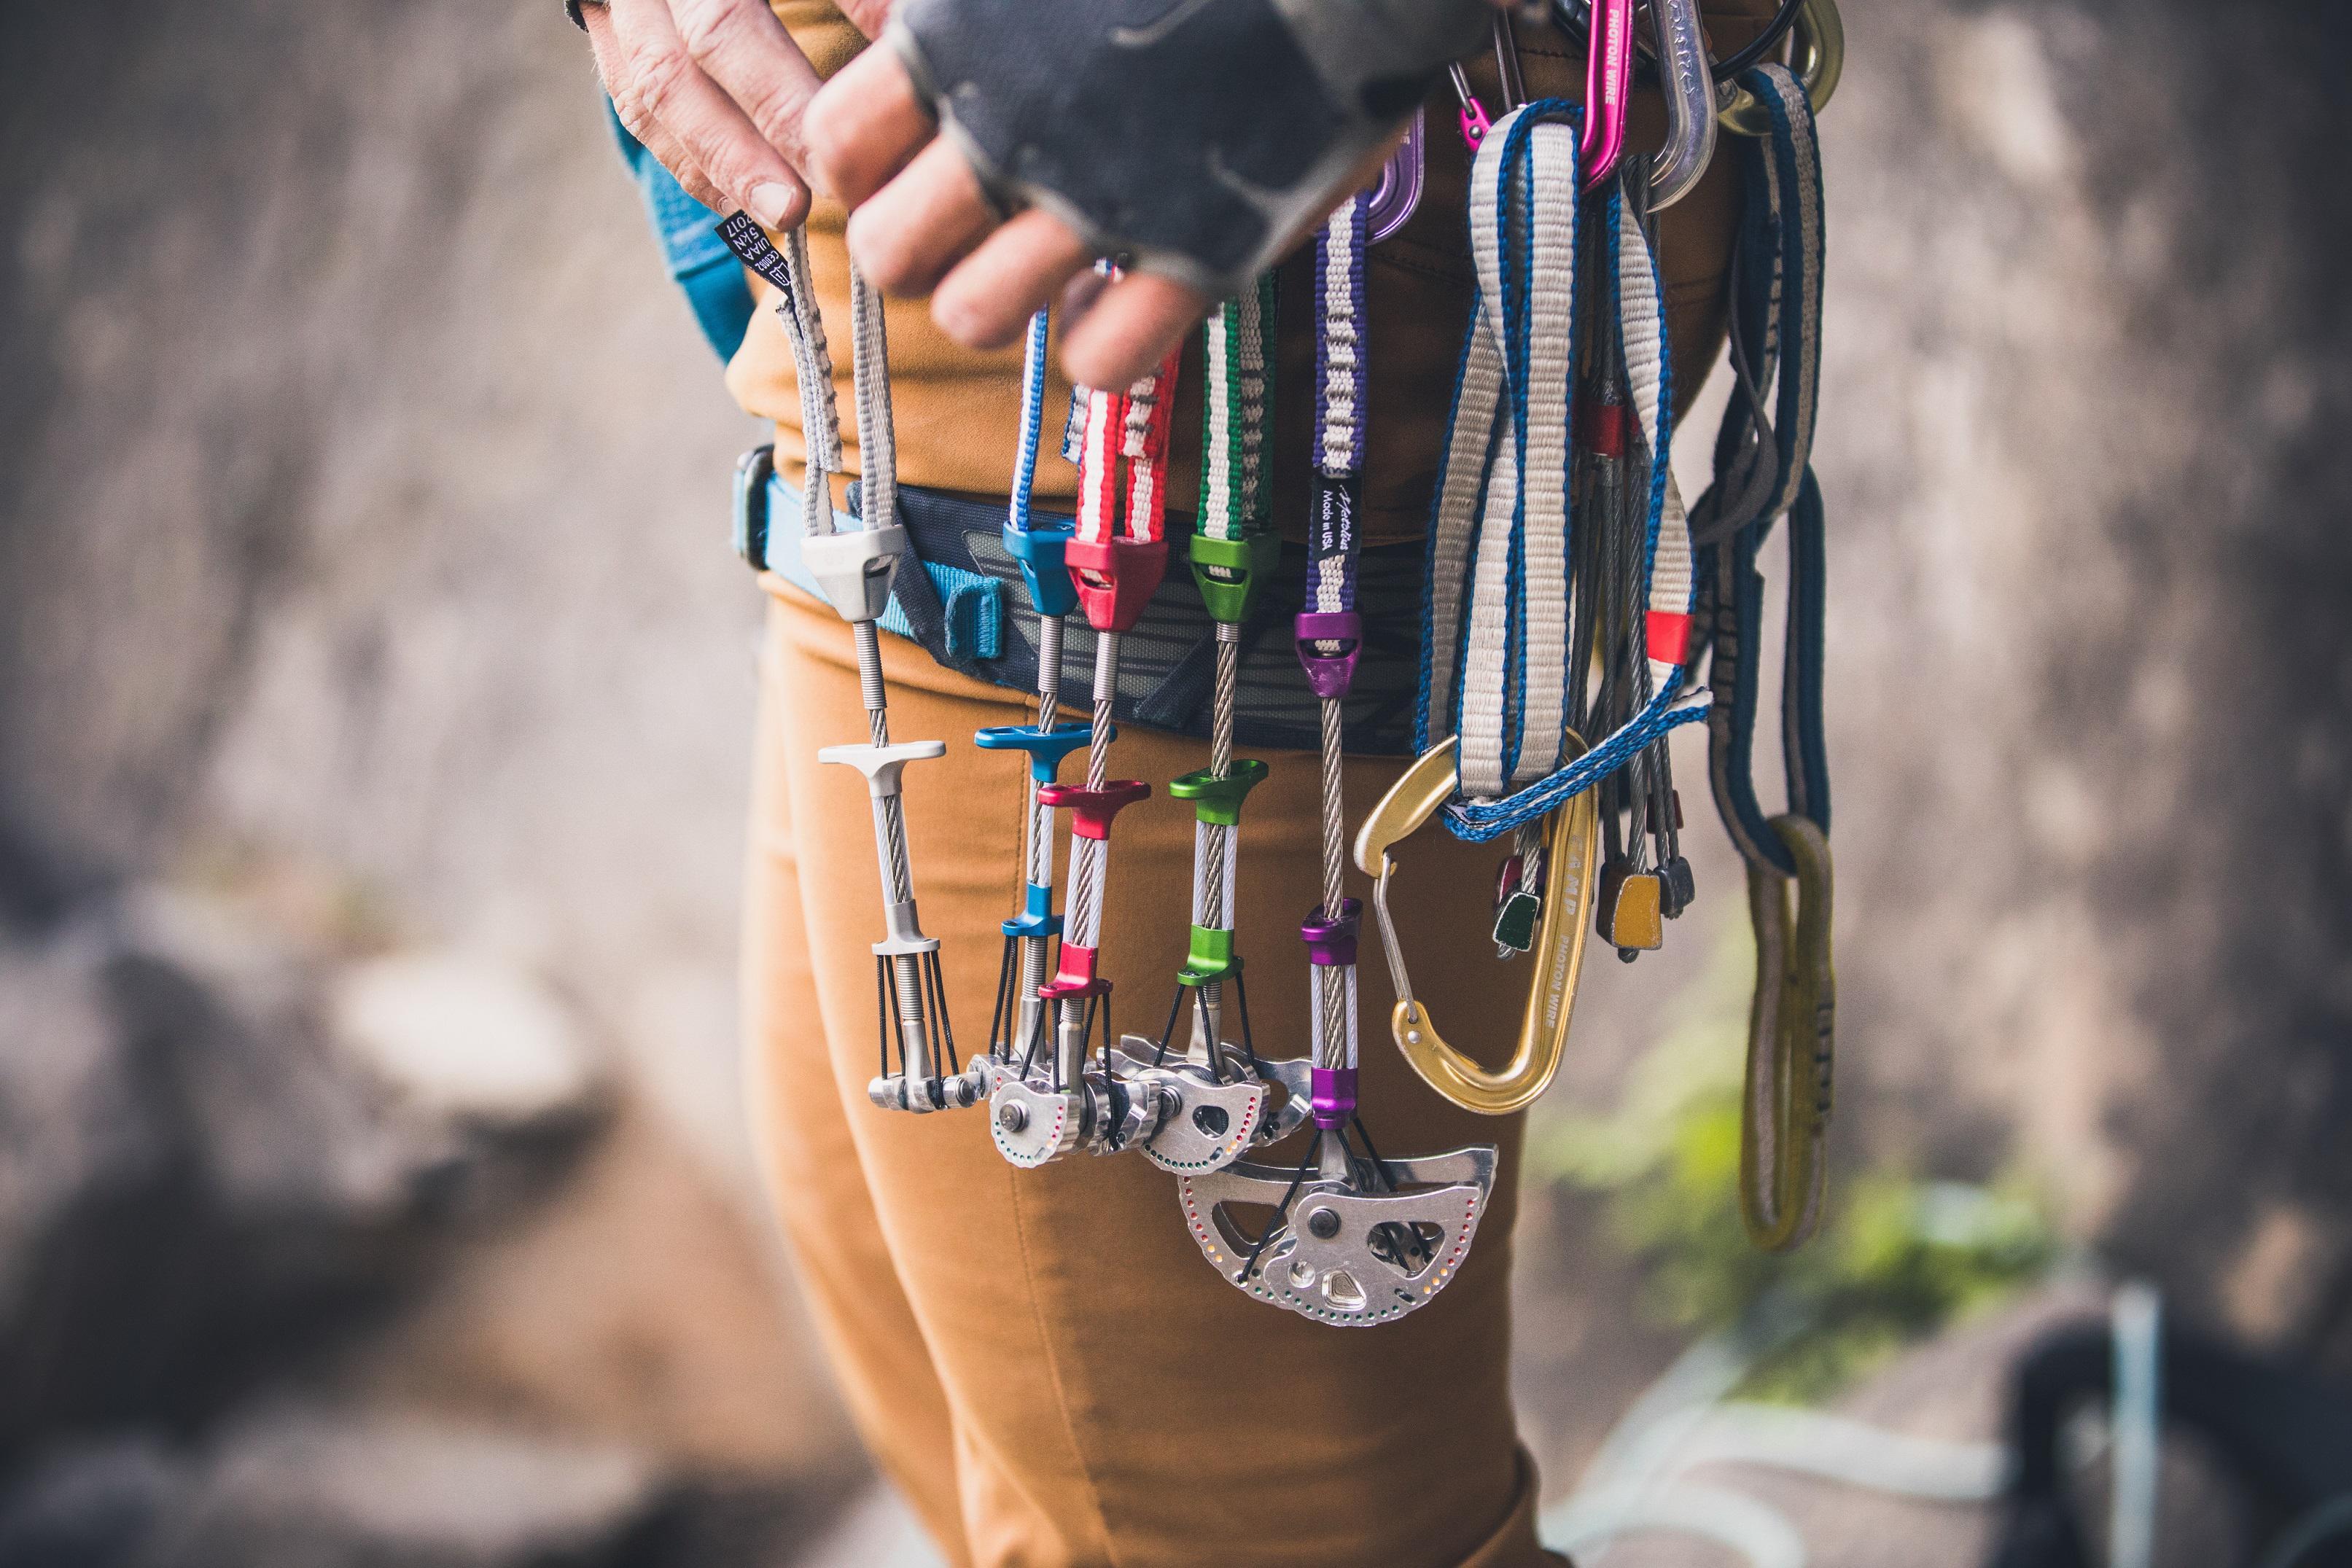 Artificial Rock Climbing Anchors Class - Level 2